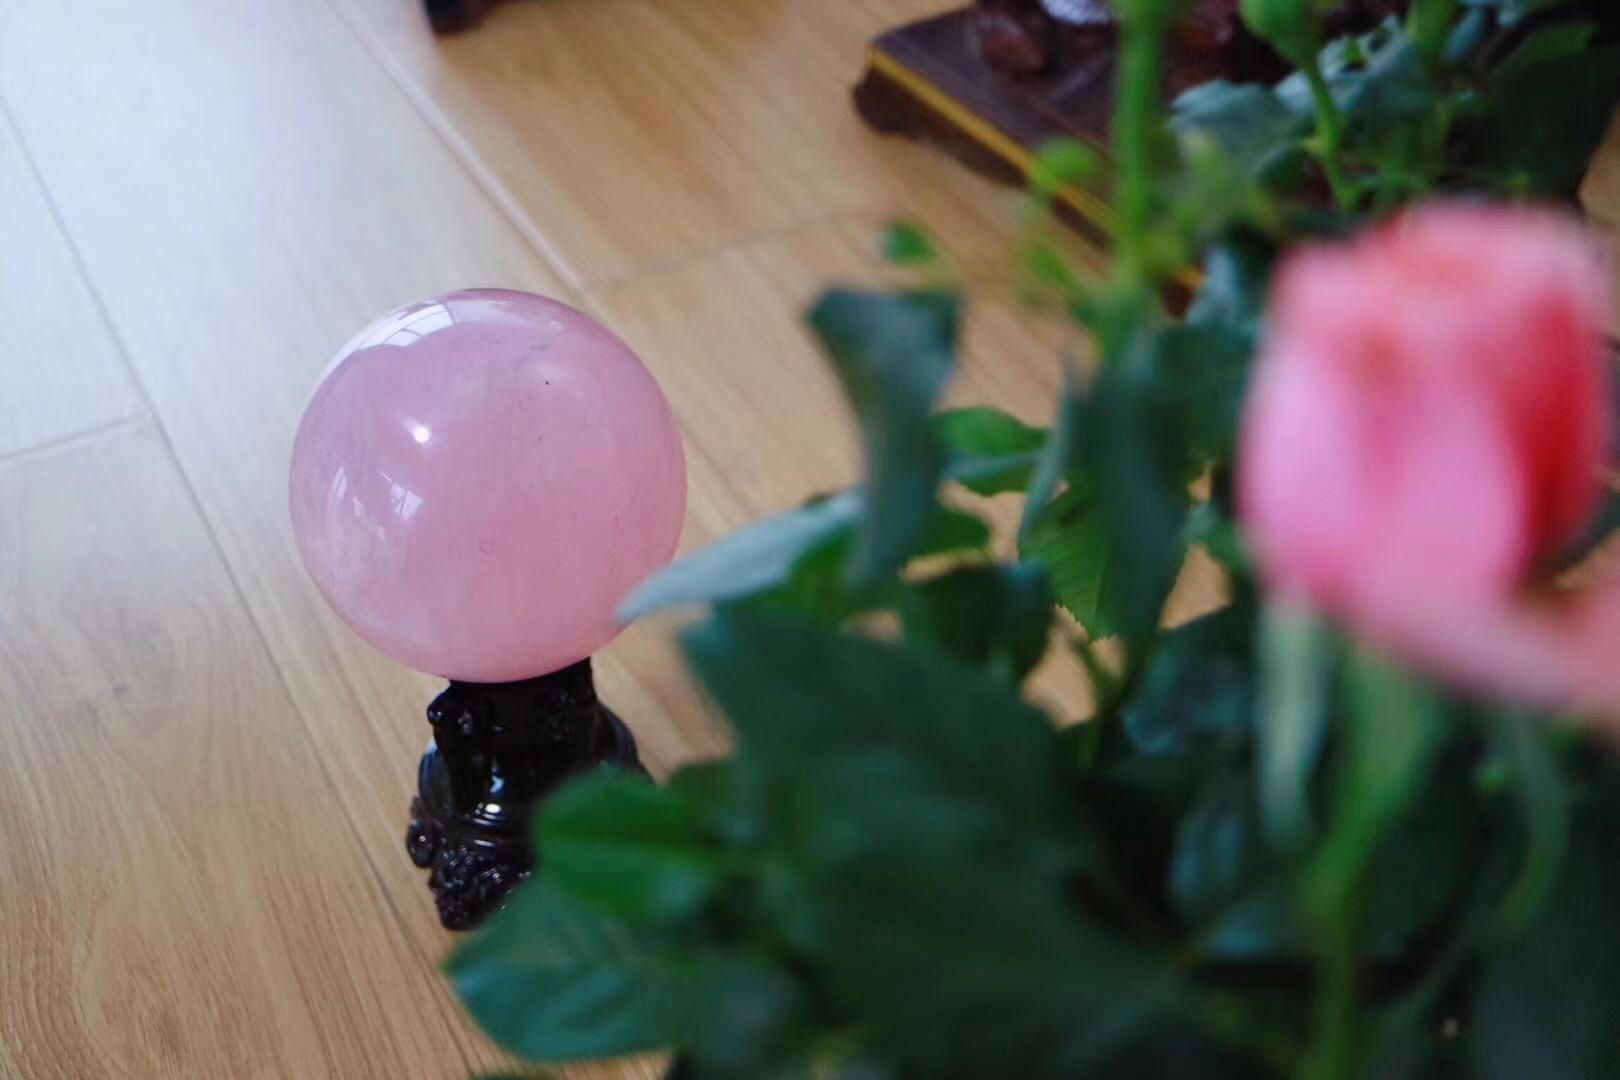 【菩心 | 粉晶球】桃之夭夭,灼灼其华,心轮的疗愈基础石-菩心晶舍